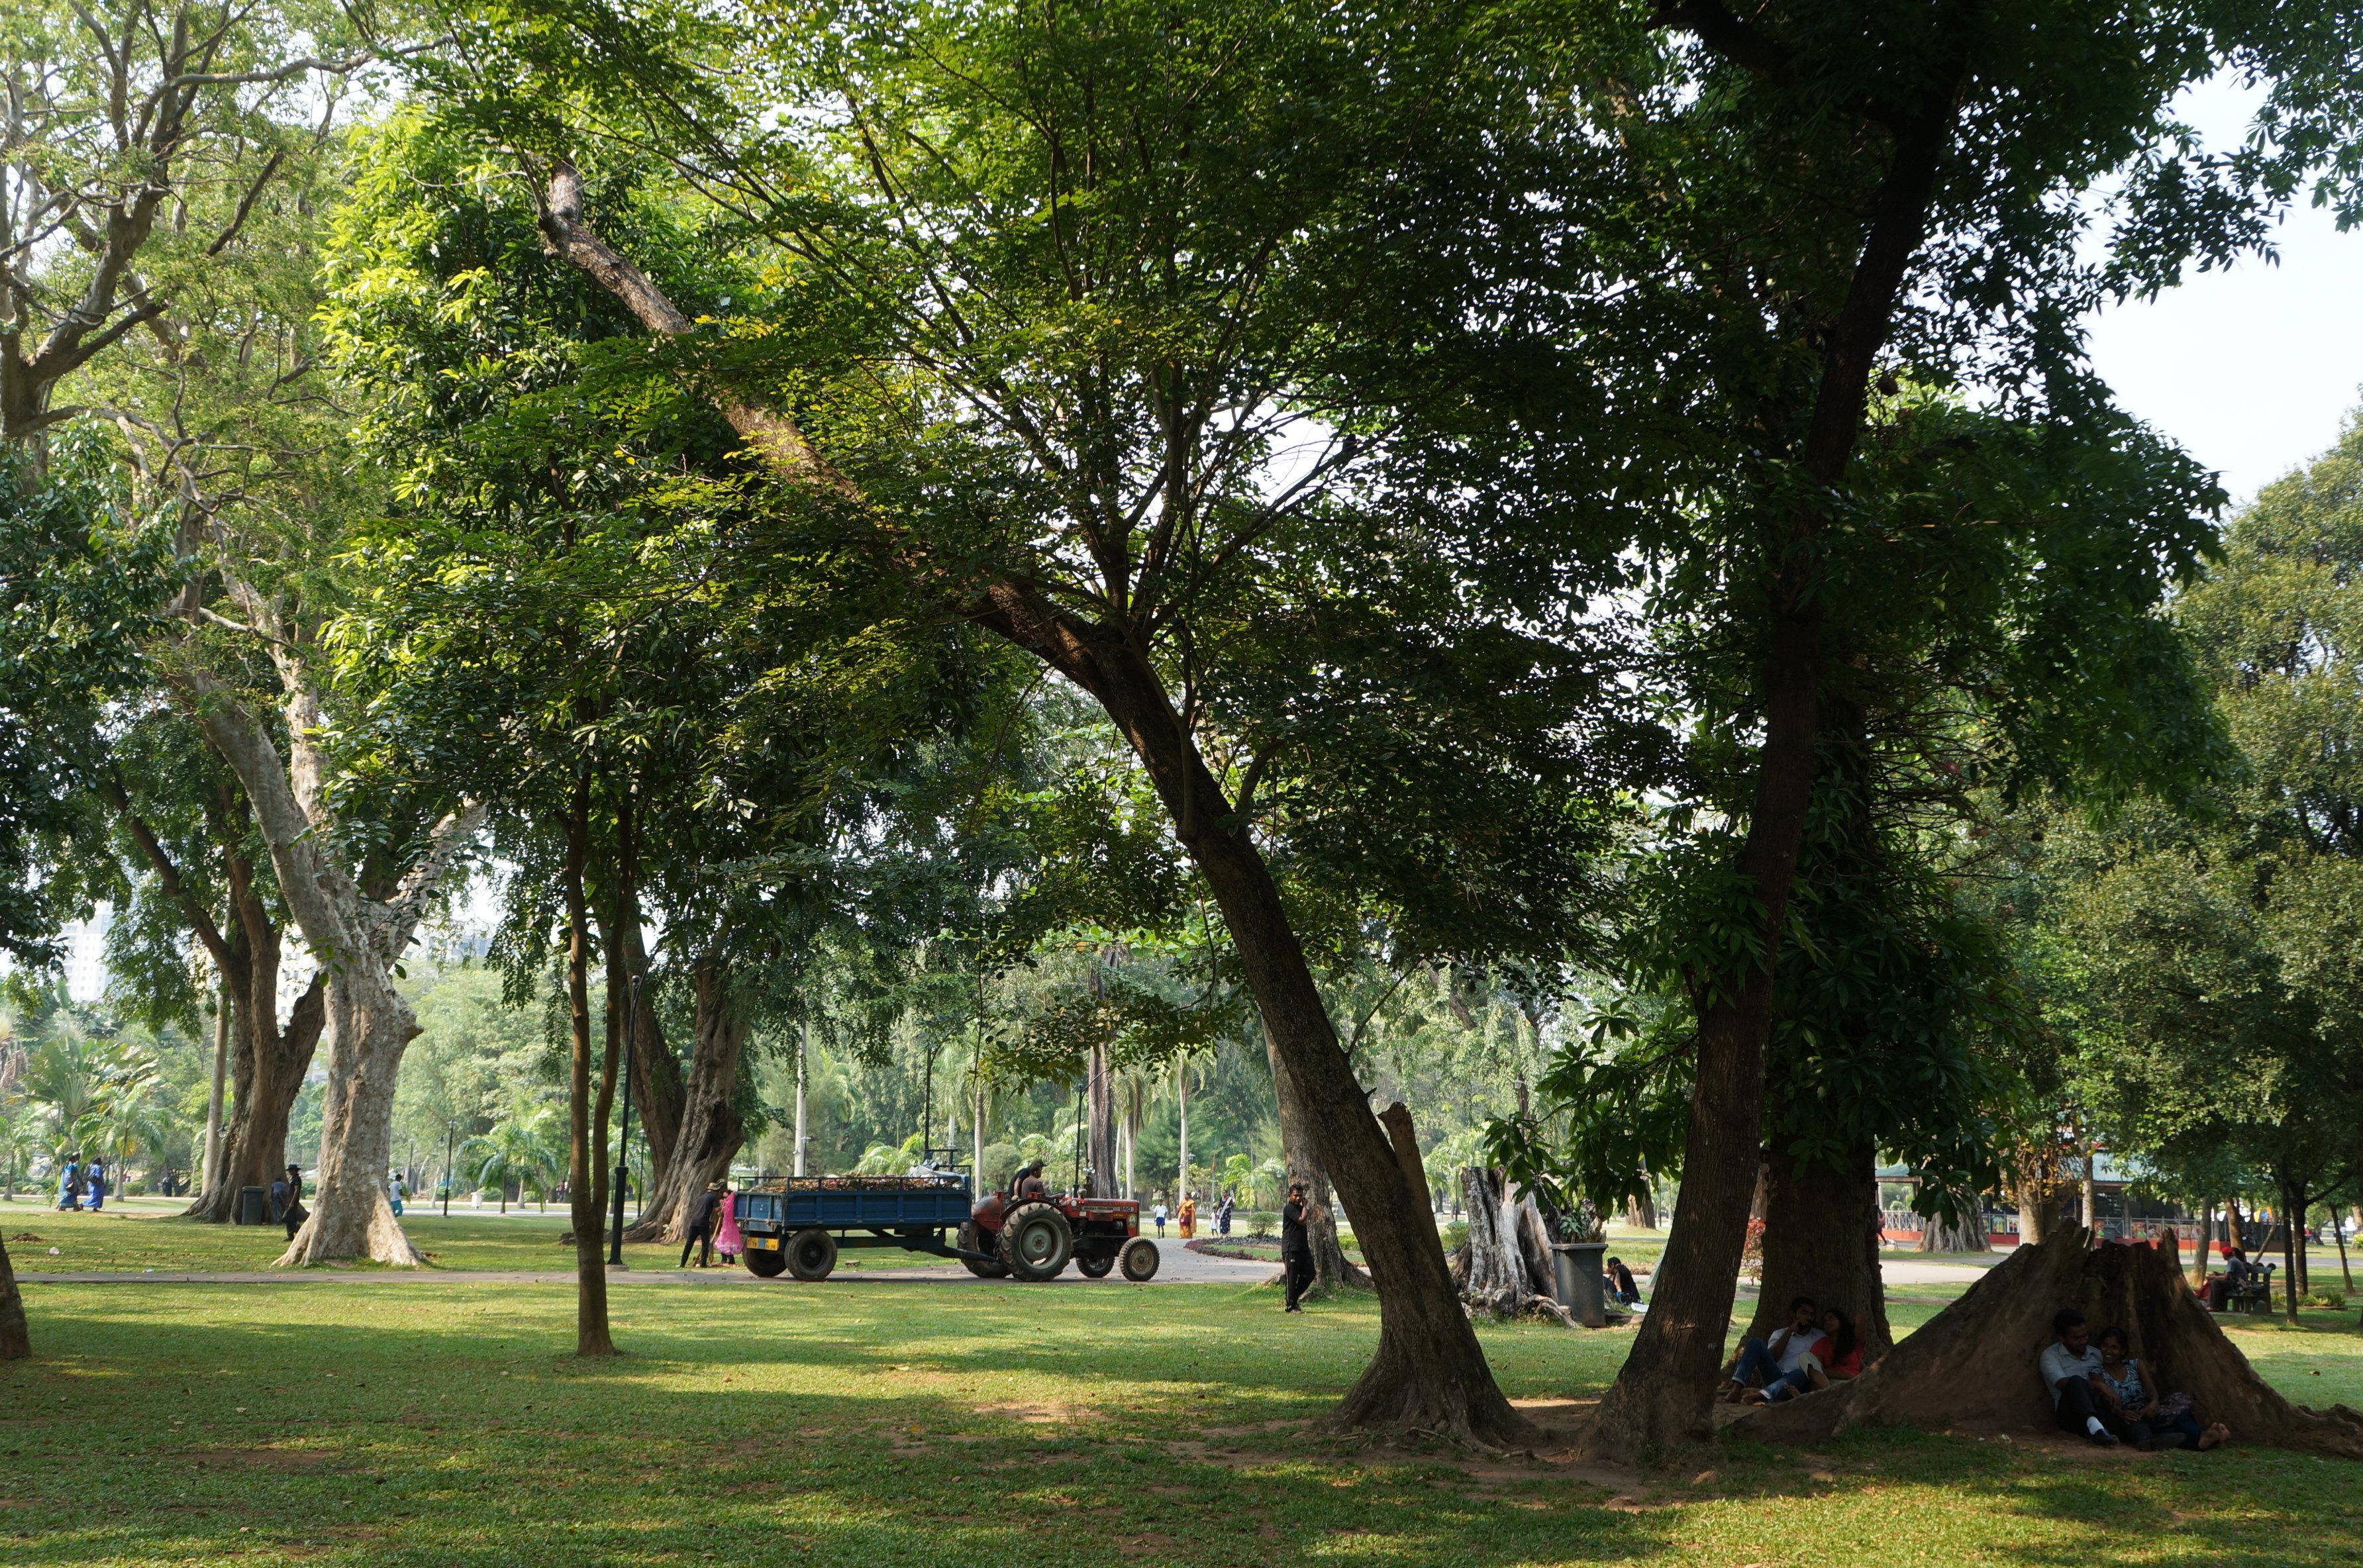 景点介绍维哈马哈德维公园位于独立广场北侧,公园的东边是科伦坡市政厅,南边是艺术馆,北边不远处有著名的冈嘎拉马寺庙。这里环境优美,有棕榈树,大树和绿地,是当地人散步锻炼的好地方。每到周末,公园南面马路上会有很多街头艺术家的画作出售。[1]环境优美维哈马哈德维公园是科伦坡最大的公园。公园中有大片的绿地、参天大树等热带植物及喷泉、雕塑等装饰,还有一座金色的佛像。漫步在这座公园中,不仅可以享受到清新优雅的自然环境,还常能看到在此骑车、聊天、野餐甚至拍婚纱照的当地居民。这个科伦坡